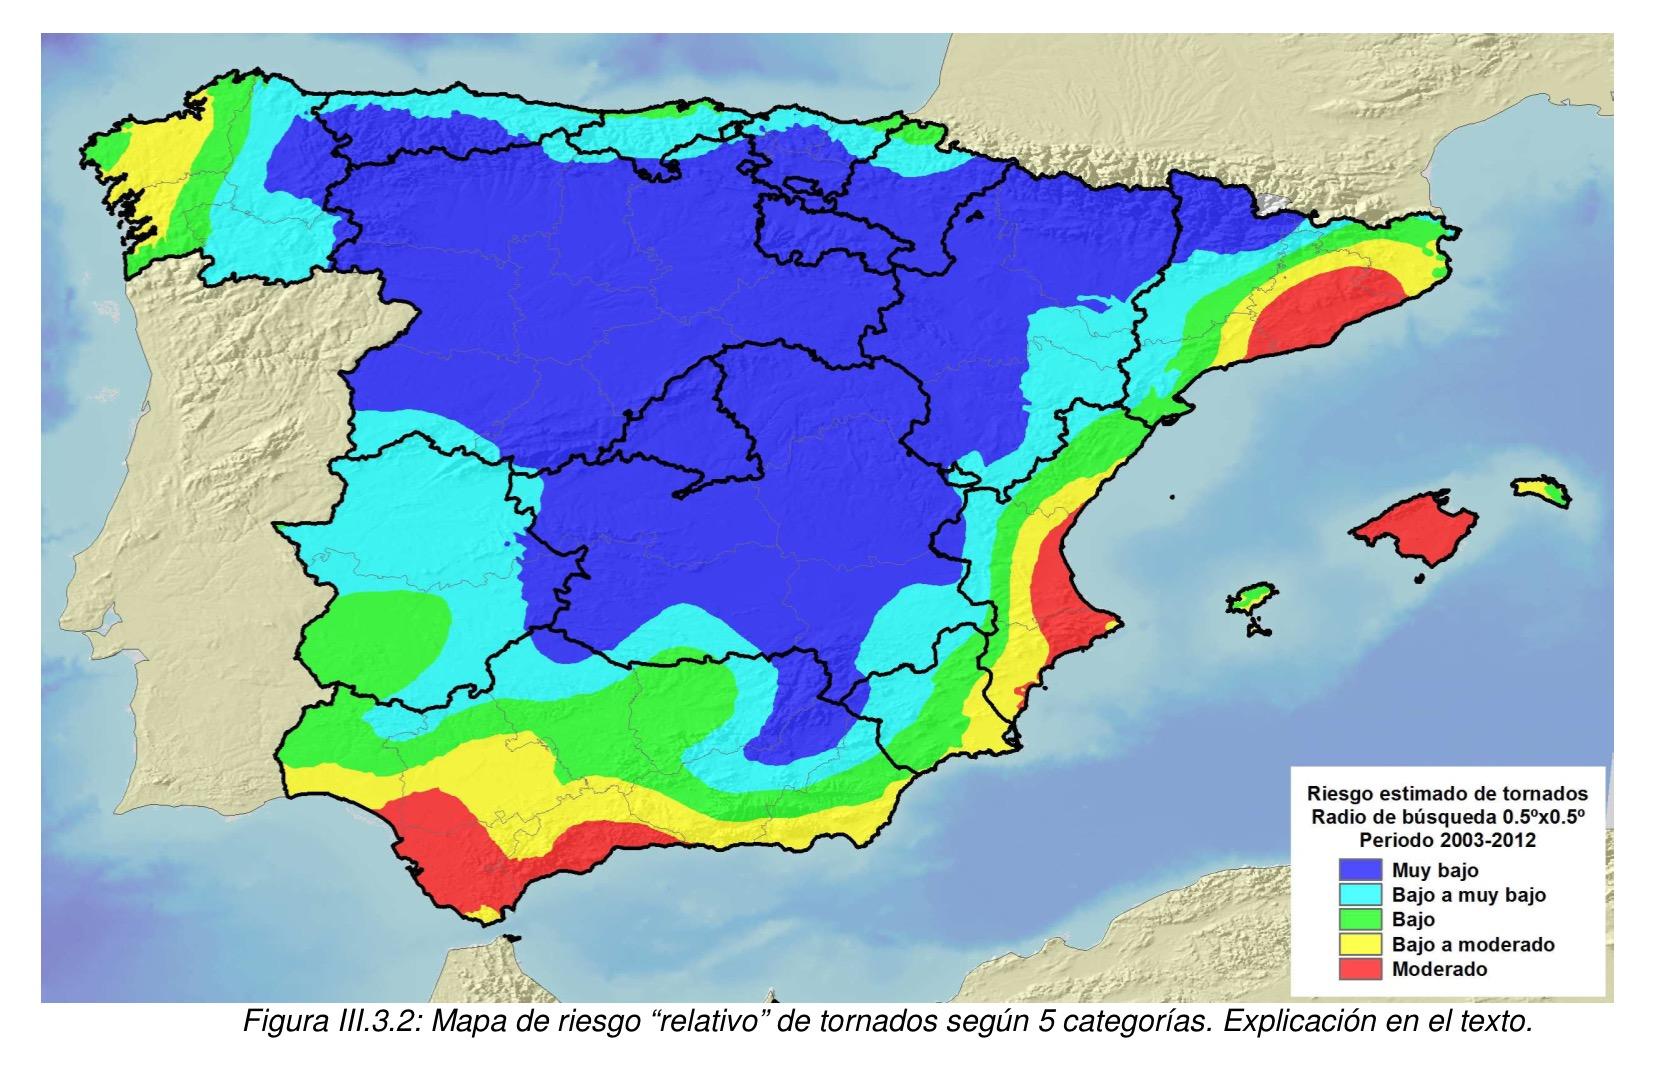 Mapa de riesgo relativo de tornados en espa a meteo - Tornados en espana ...